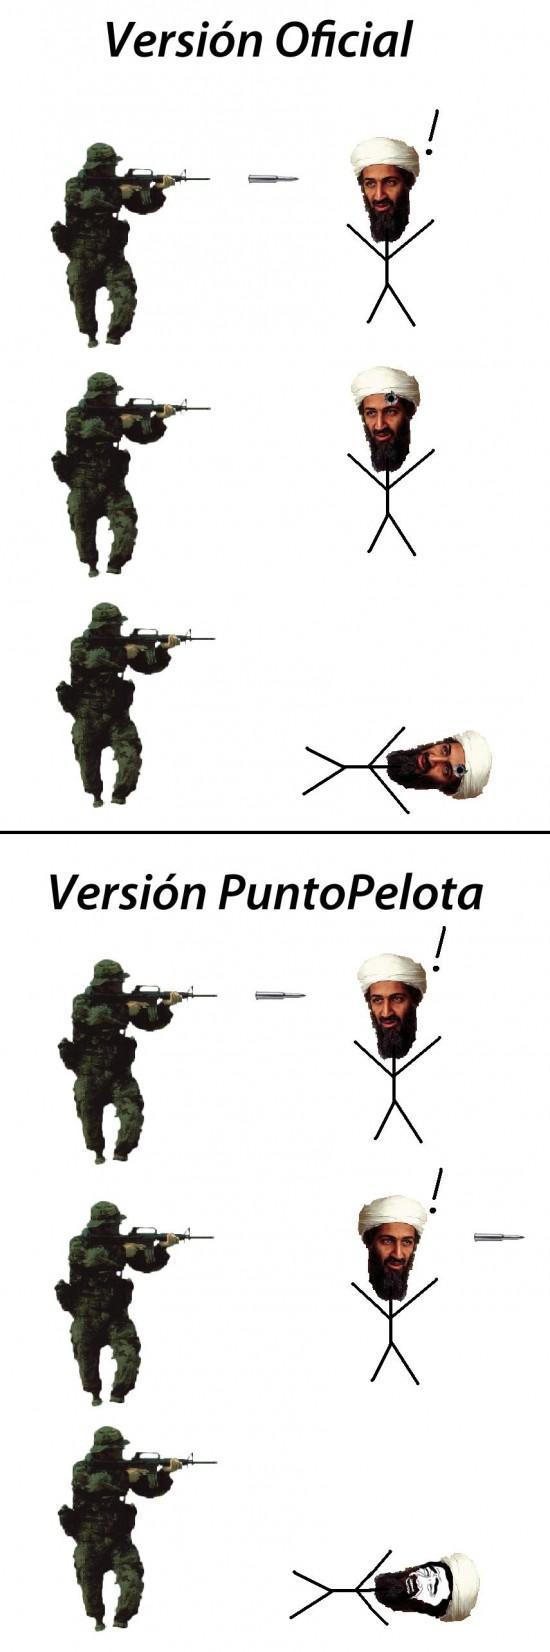 Yao - En PuntoPelota aseguran que la bala no toca a Bin Laden